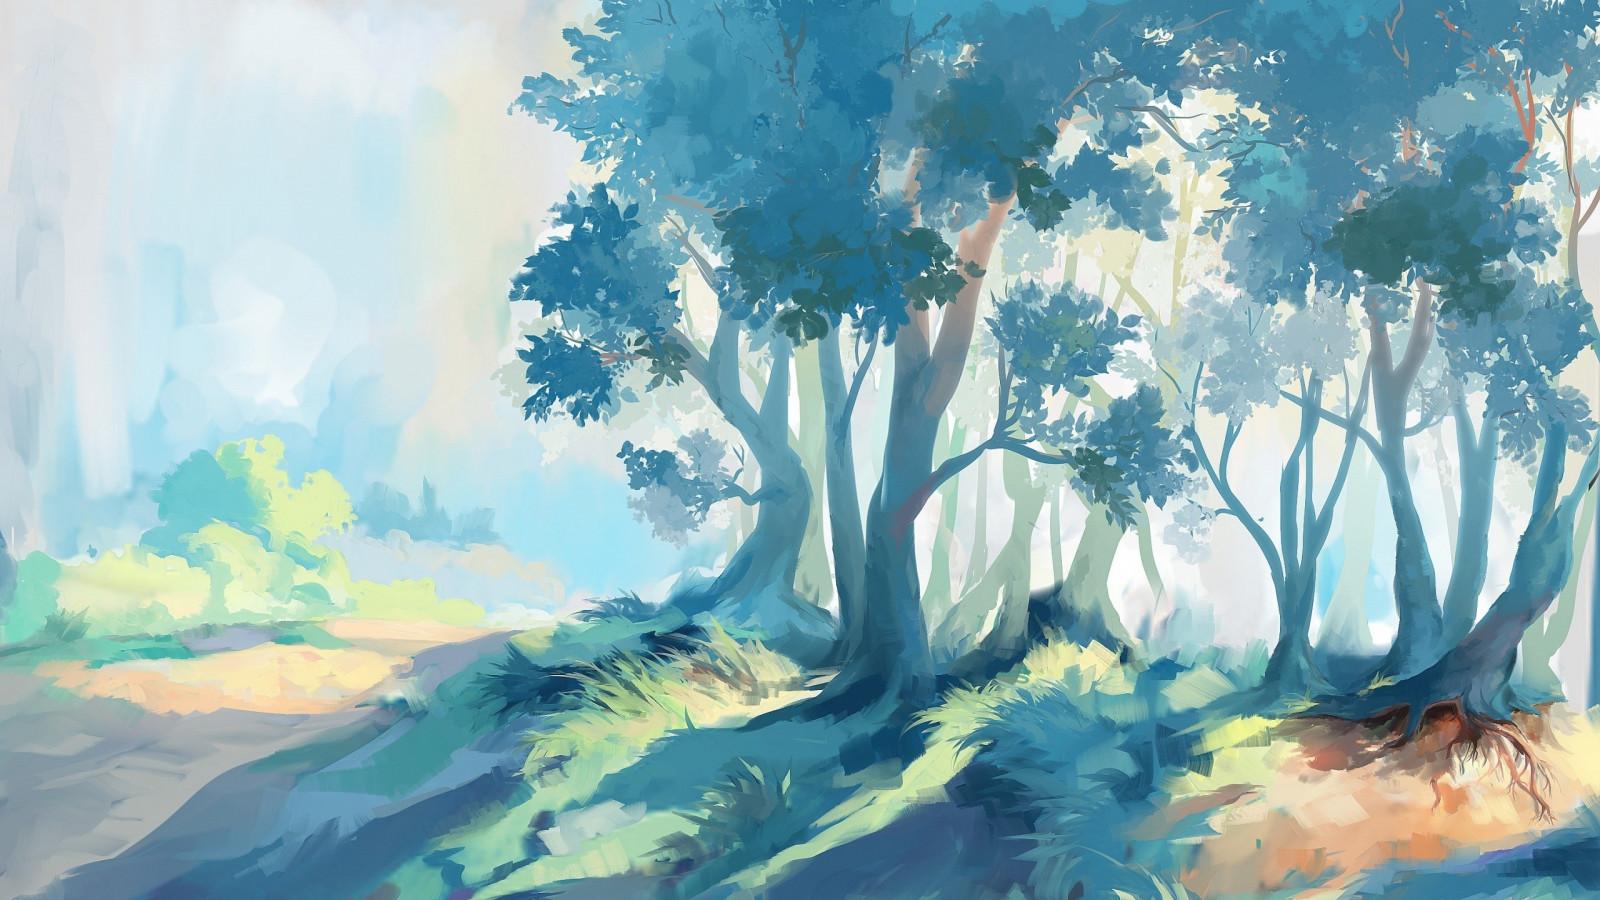 Fond d'écran : lumière du soleil, La peinture, forêt, illustration, Art fantastique, ouvrages d ...